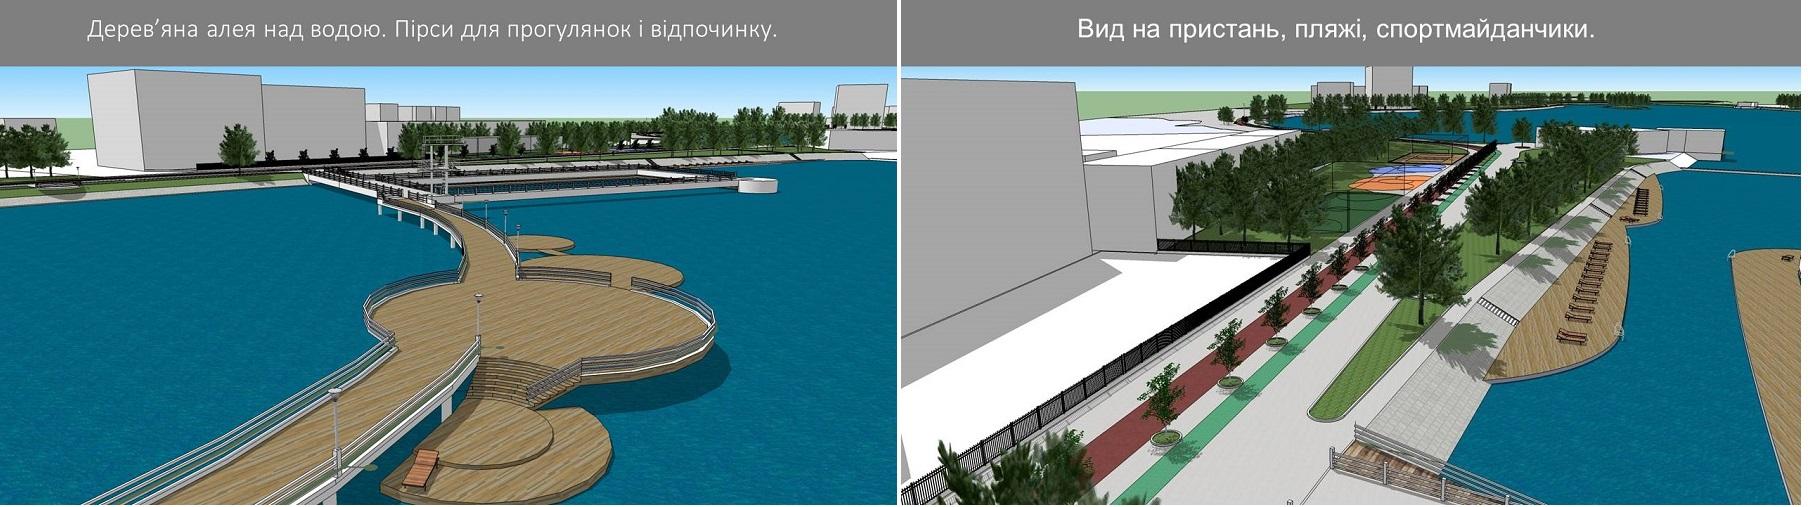 Тендерний новачок і фірма нардепа Шевченка облаштують озеро в Івано-Франківську за майже 9 мільйонів